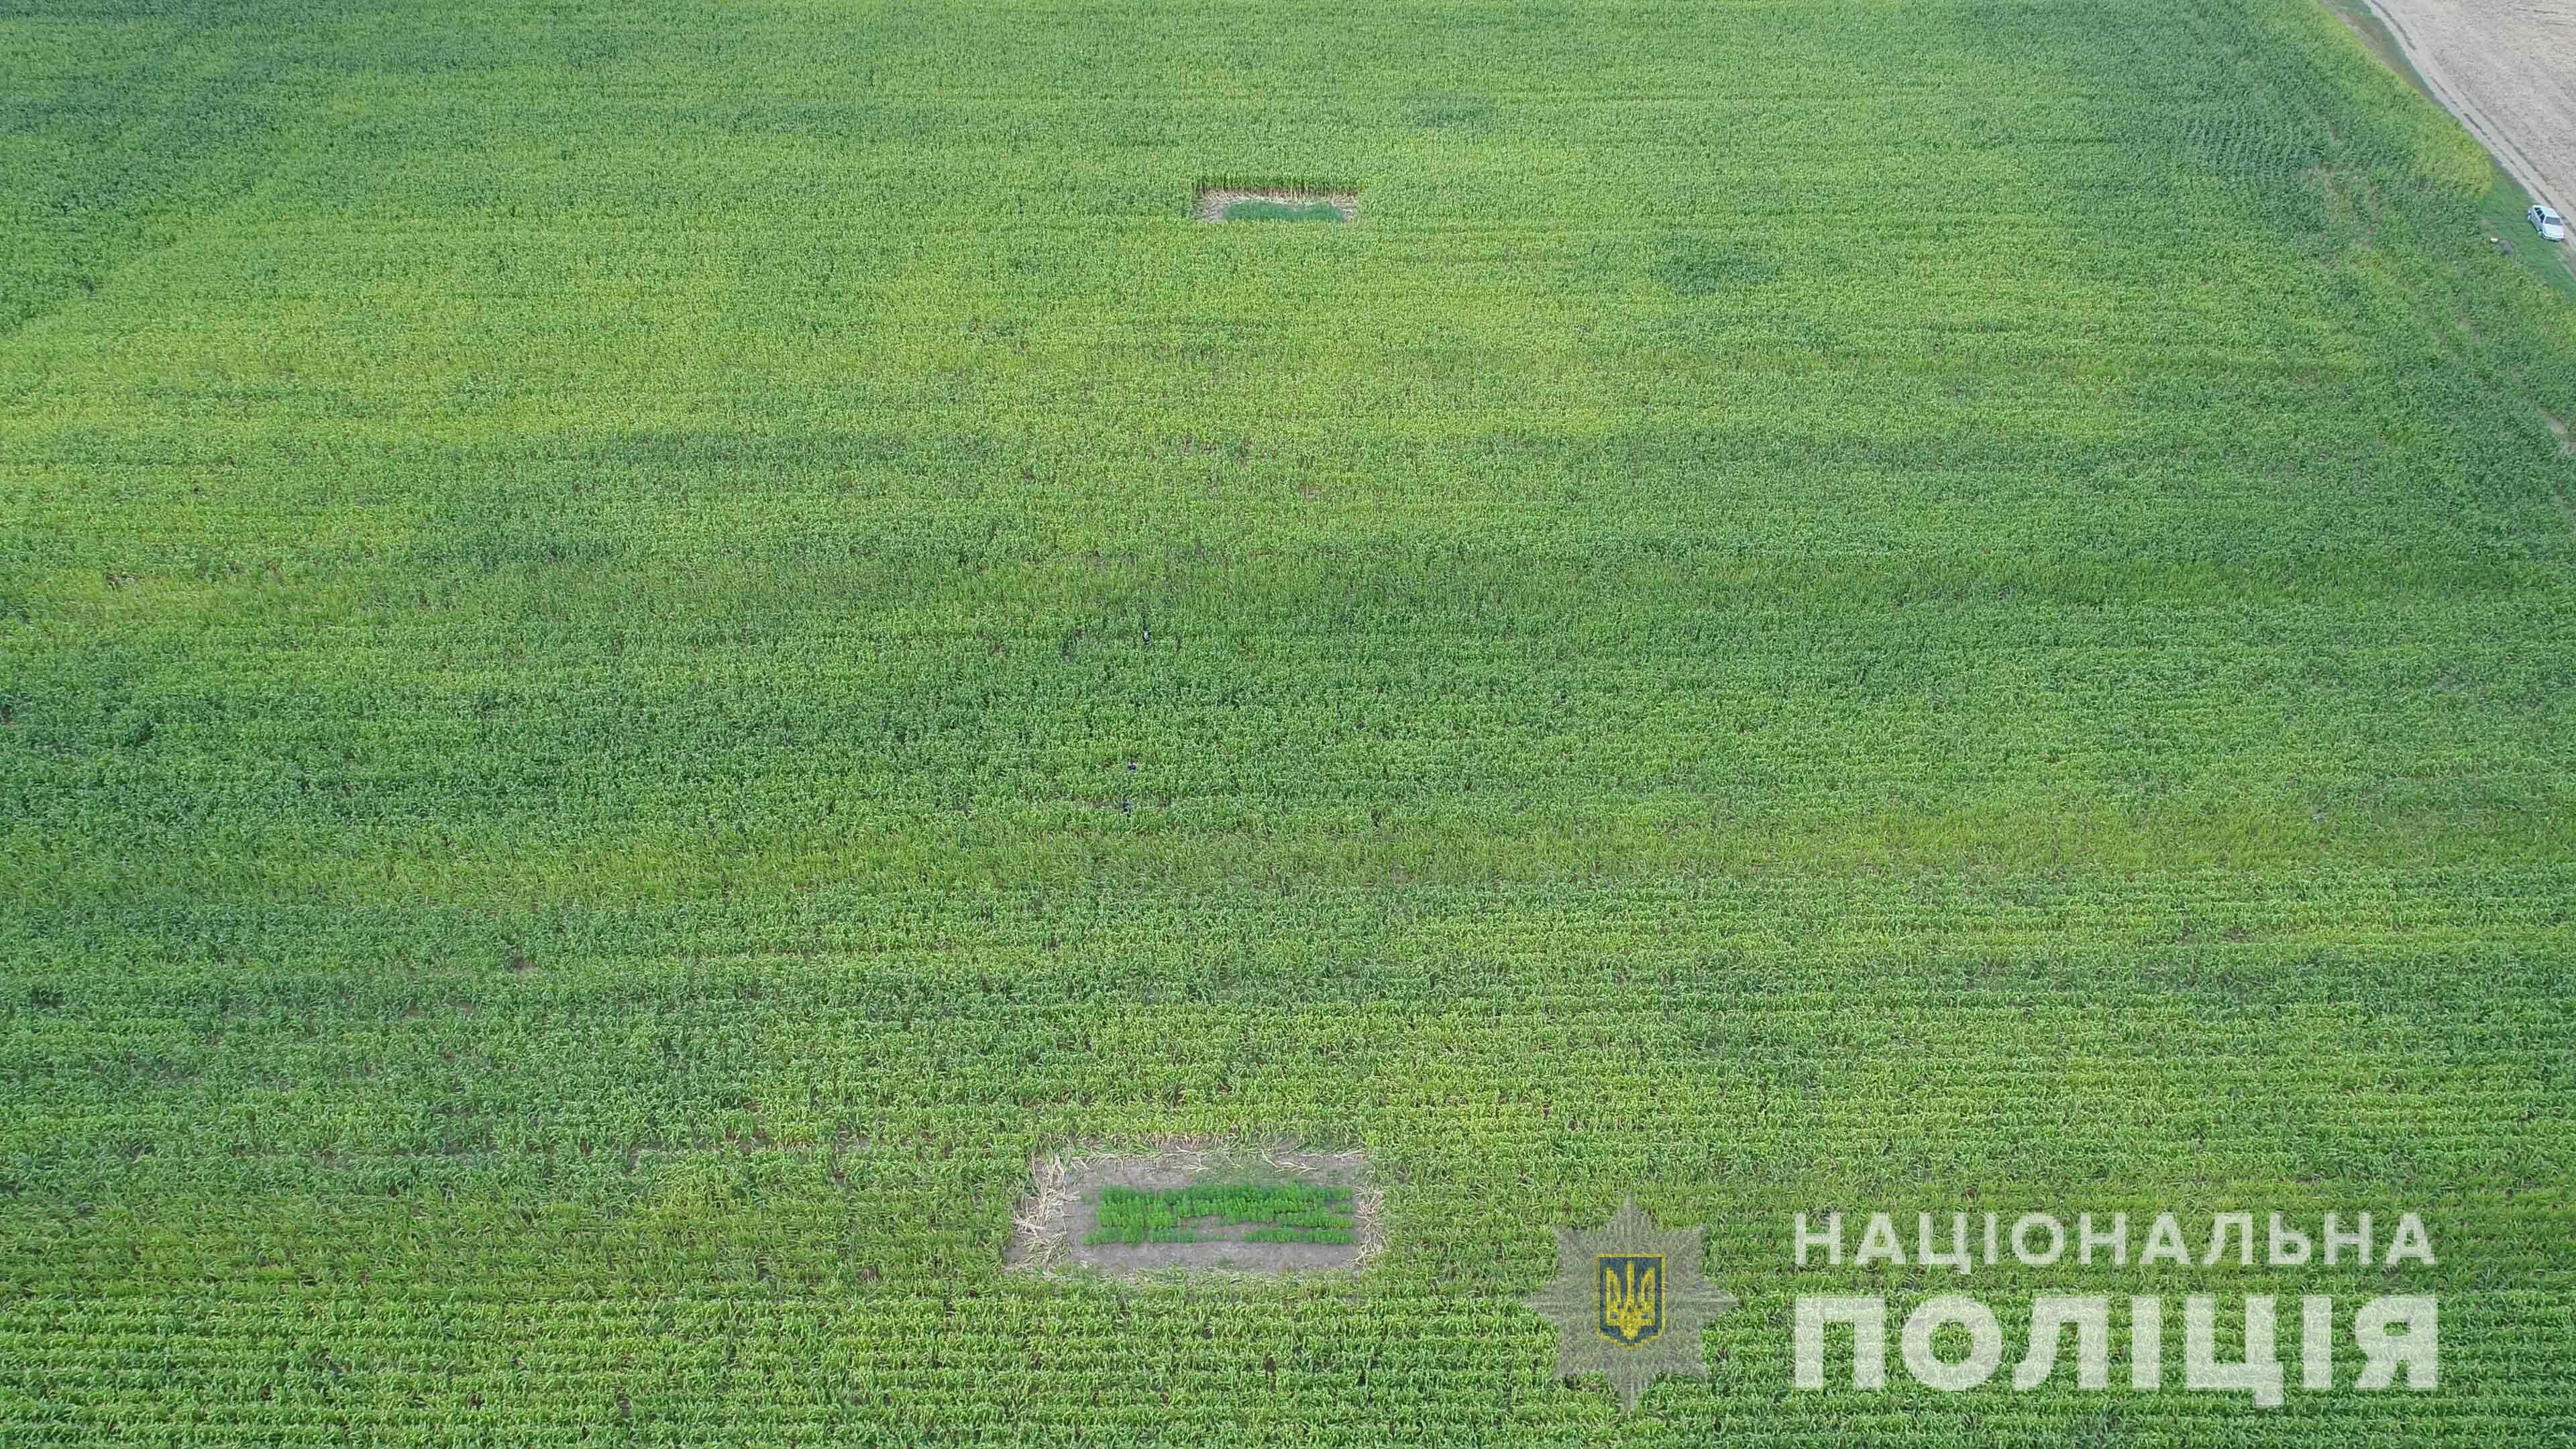 Десять ділянок з коноплями були розташовані приблизно на відстані 100 метрів одна від одної